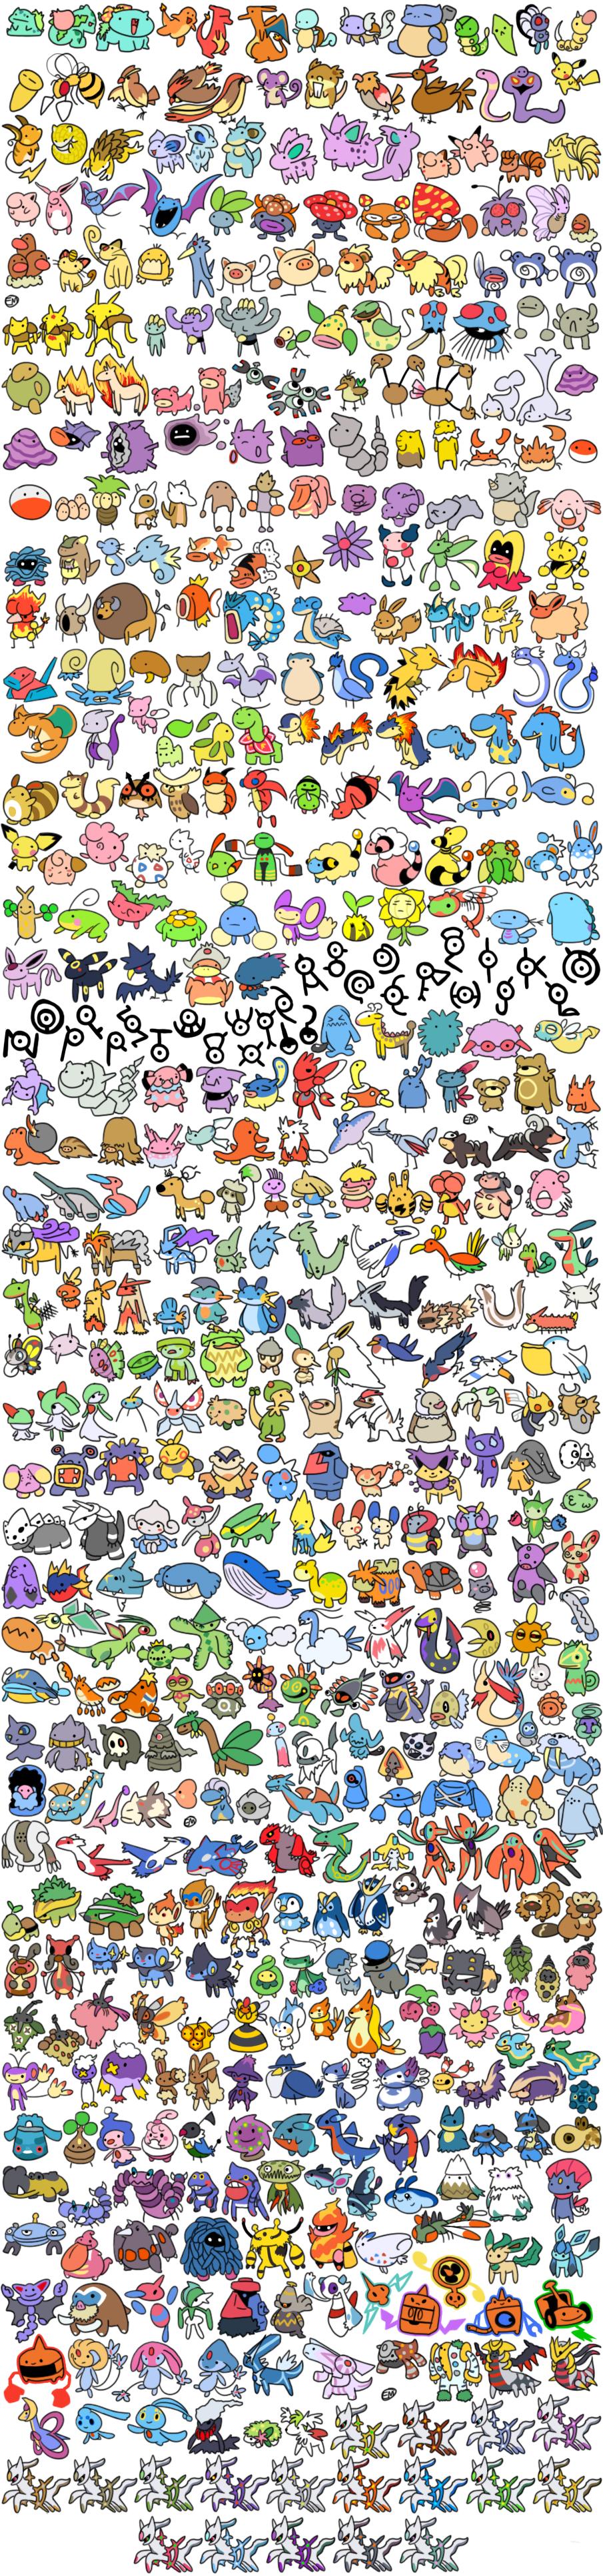 Pokémon. Alle Pokémon (hier sind sie nur schlampig ...